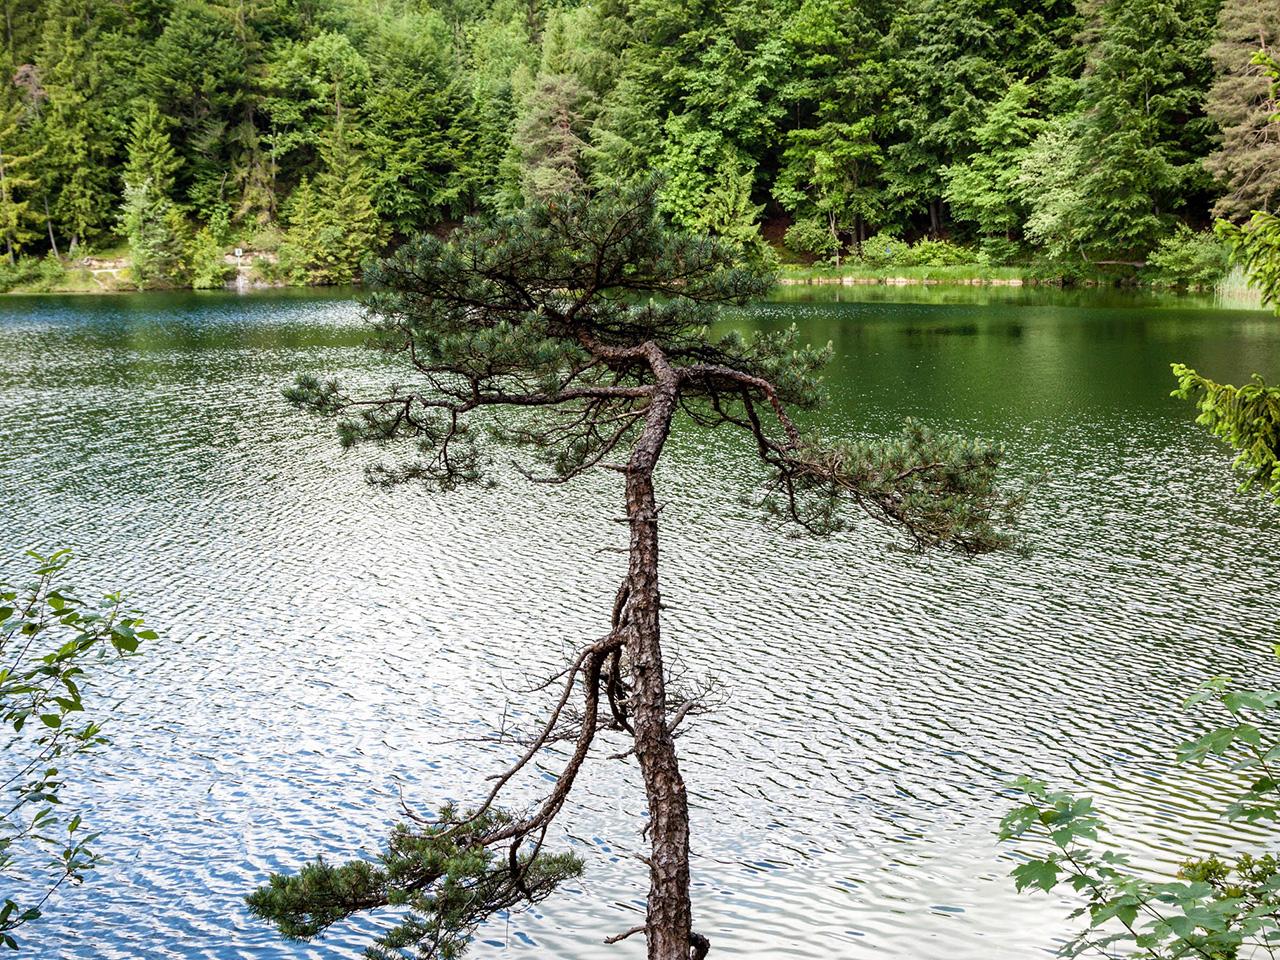 Baum. (Bild: Andre Borbe/silicon.de)